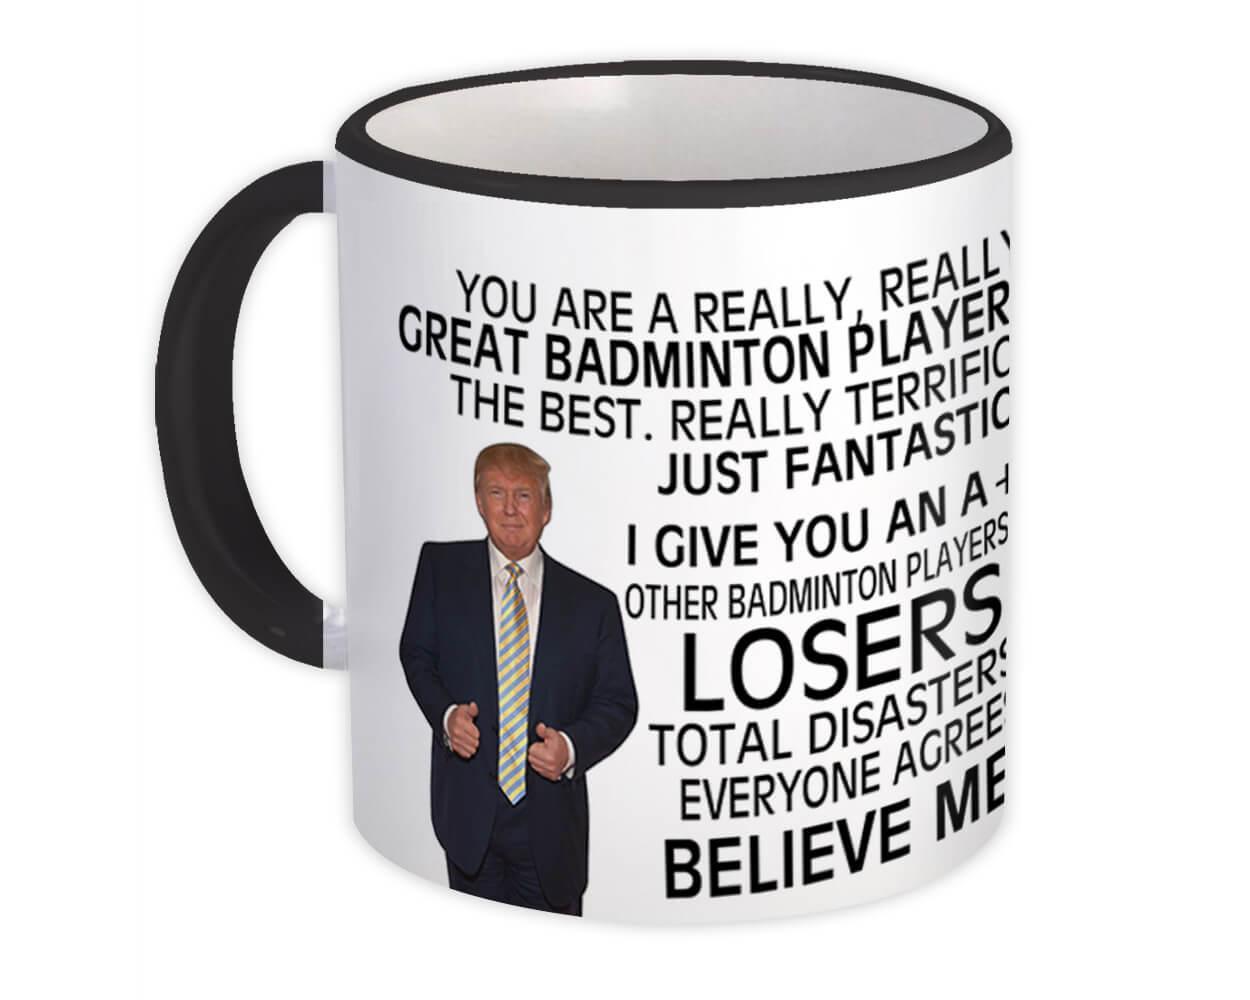 Gift for Badminton Player : Gift Mug Donald Trump Great Badminton Player Funny Christmas